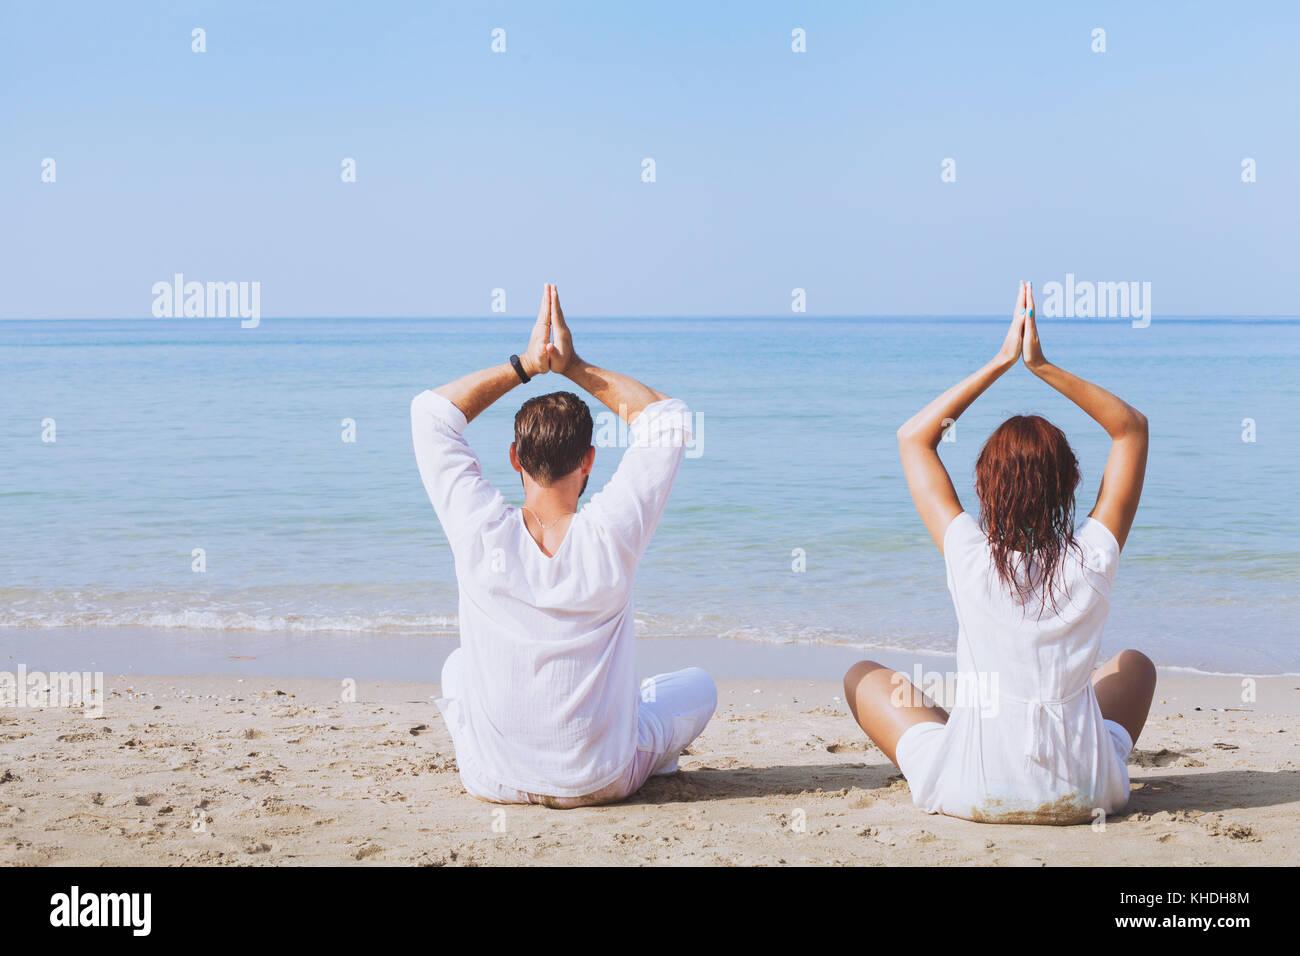 Yoga sur la plage, deux personnes en habits blancs pratiquant la méditation, l'arrière-plan de vie Photo Stock